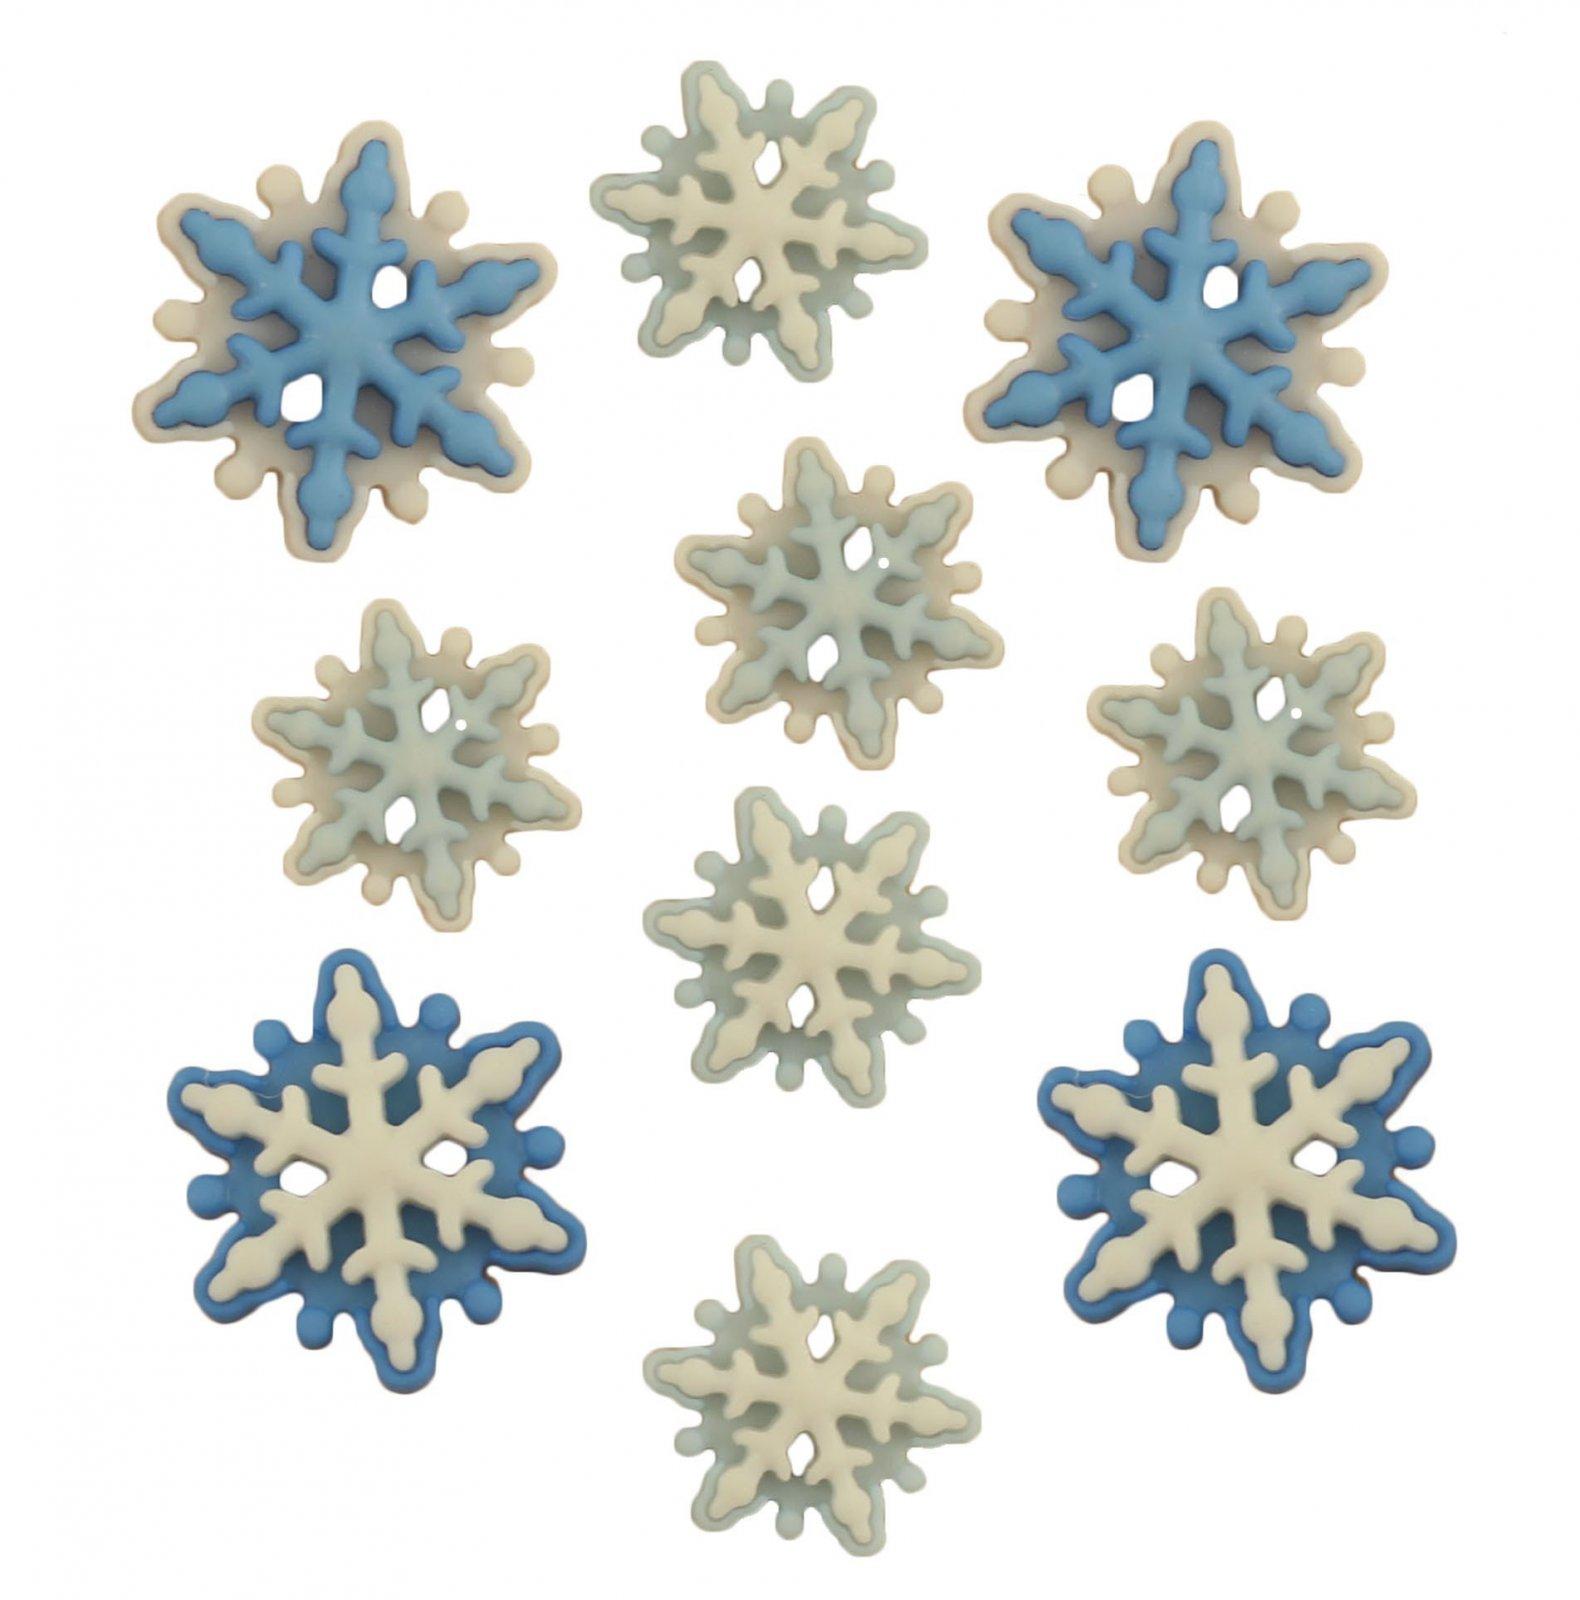 Buttons Galore - BRRR Snowflakes - 10 pcs.